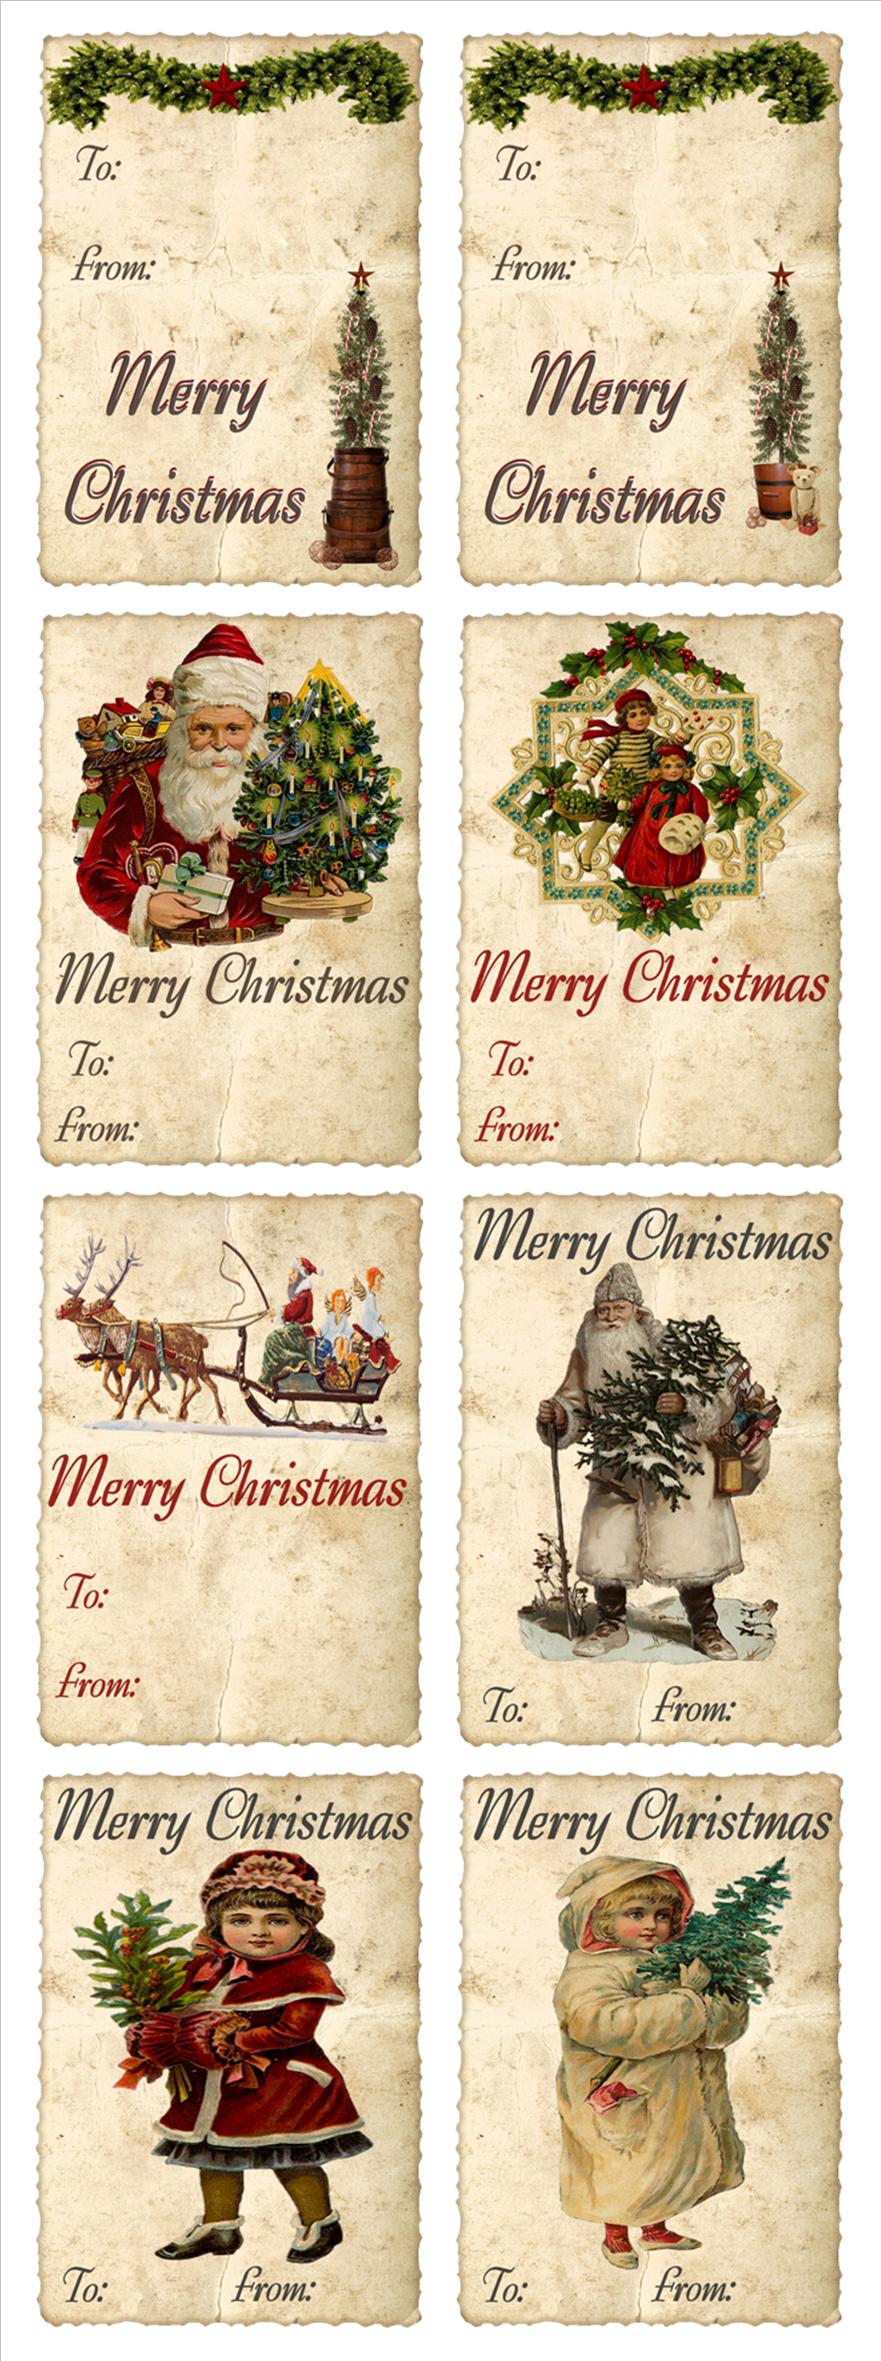 Vintage Christmas Tags Free Printable Christmas Gift Tags Christmas Gift Tags Printable Free Christmas Printables